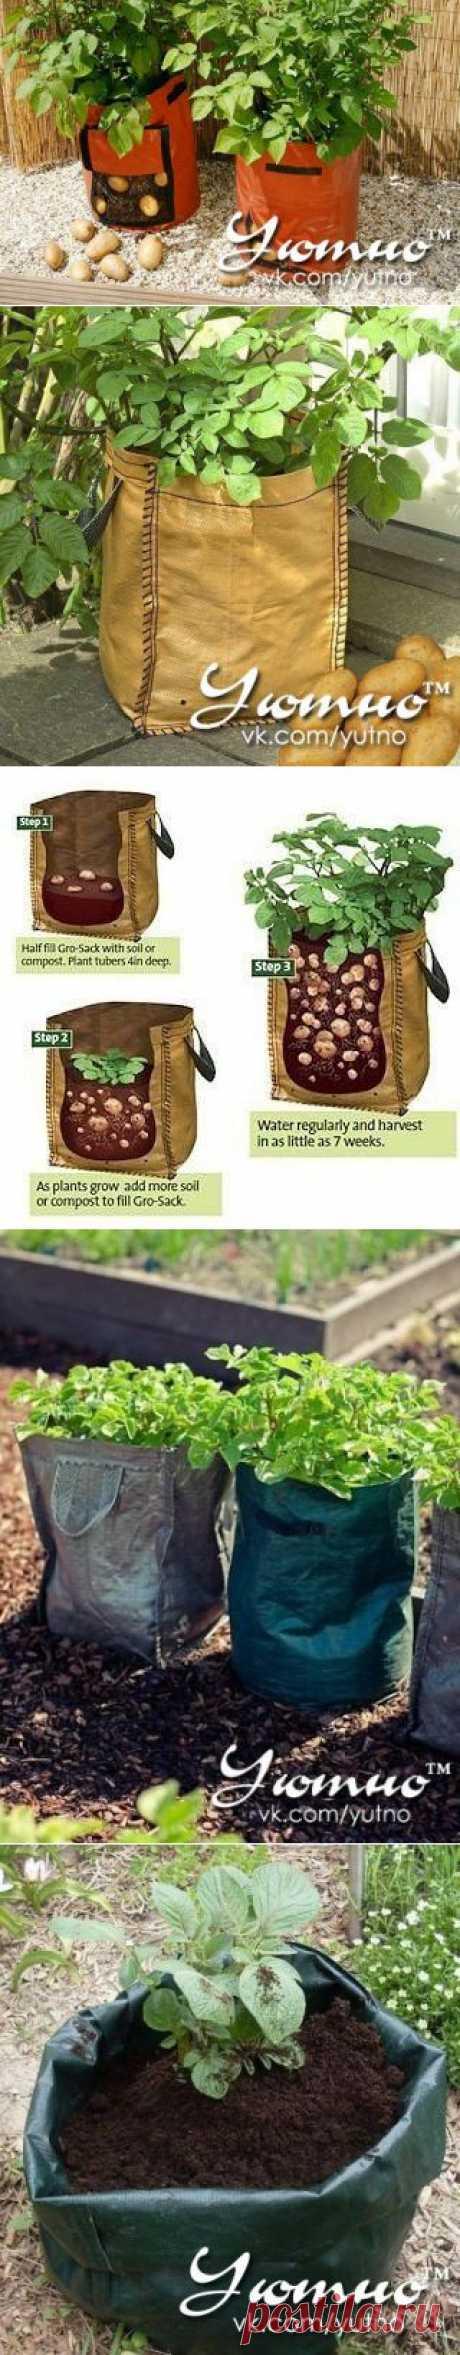 сообщение TATYSIY : Выращиваем картофель в мешке (07:11 14-06-2014) [4031162/327722986] - t.apkhadze@mail.ru - Почта Mail.Ru